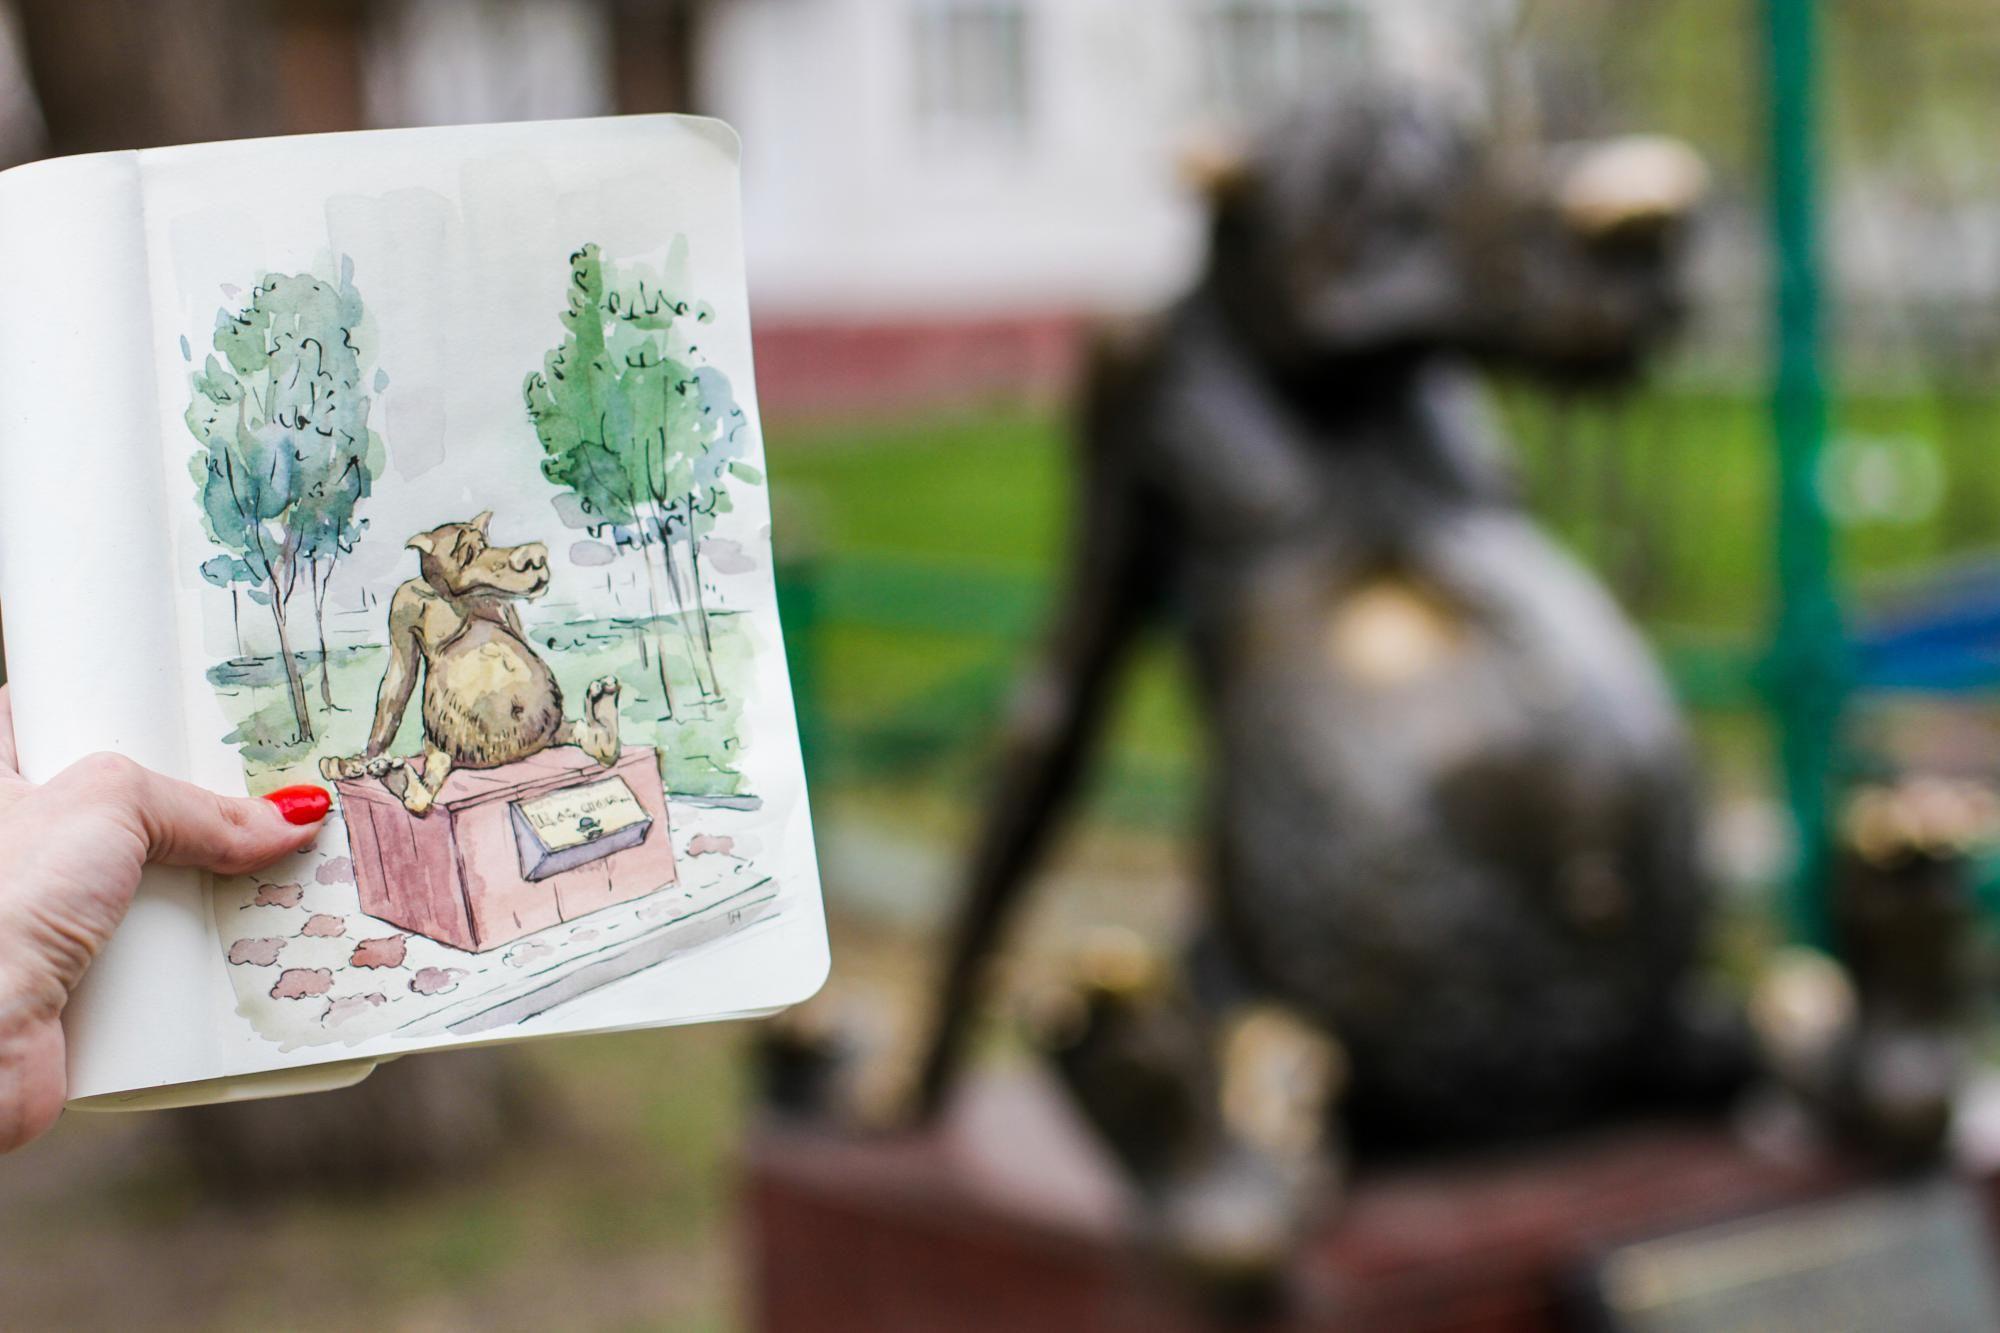 Томск. Достопримечательности, фото с описанием города, что посмотреть, экскурсии